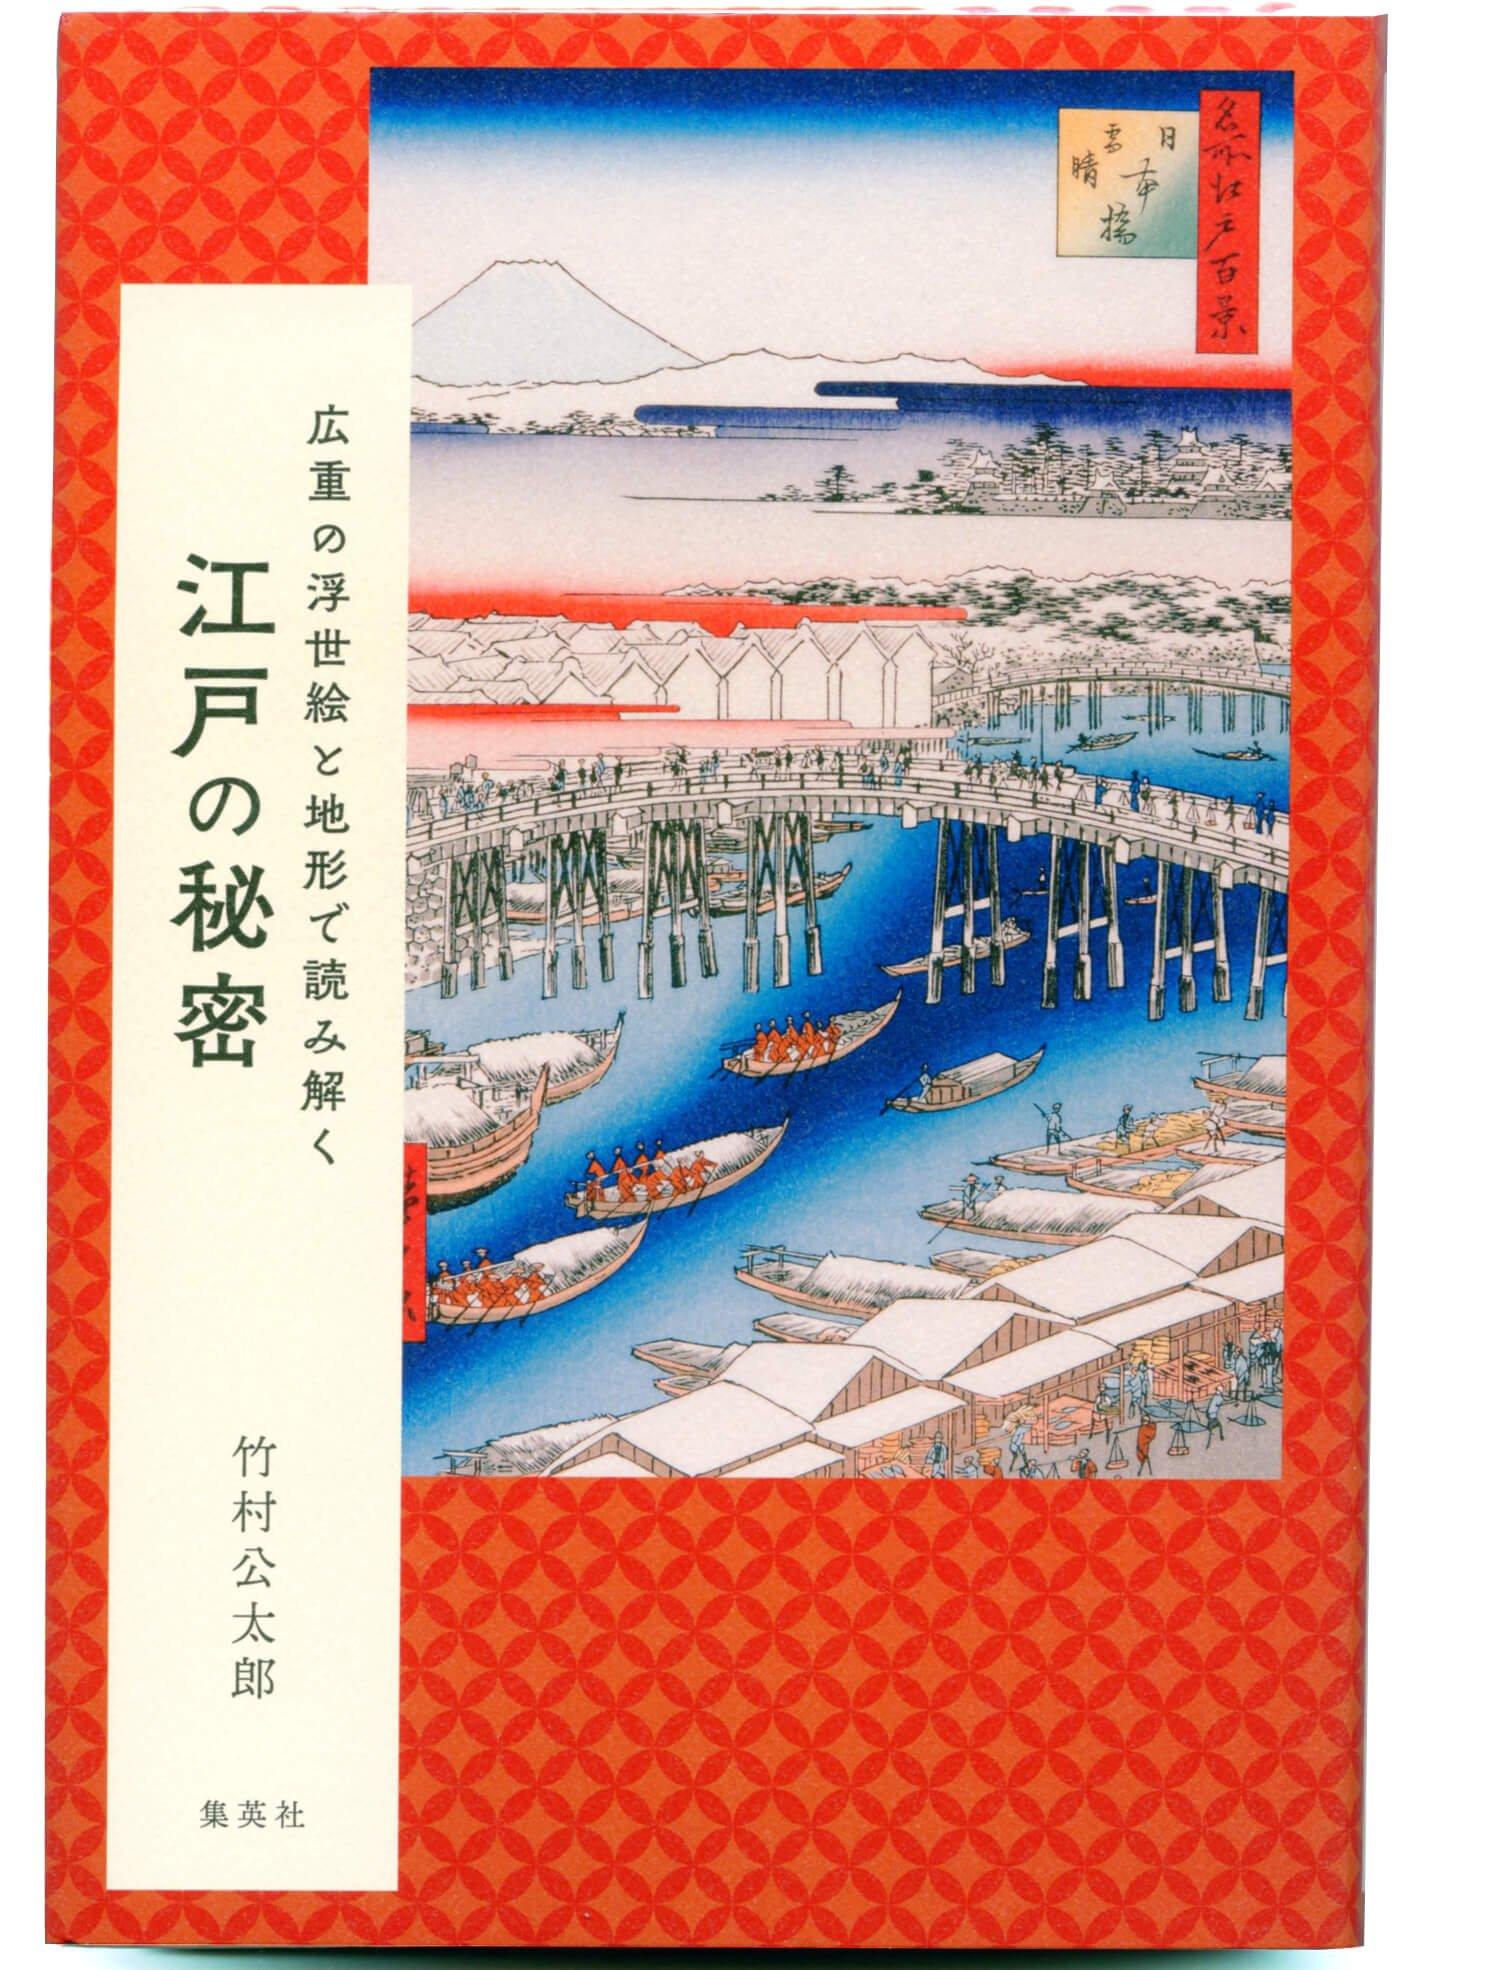 竹村光太郎 著/ 集英社/ 2530円+税